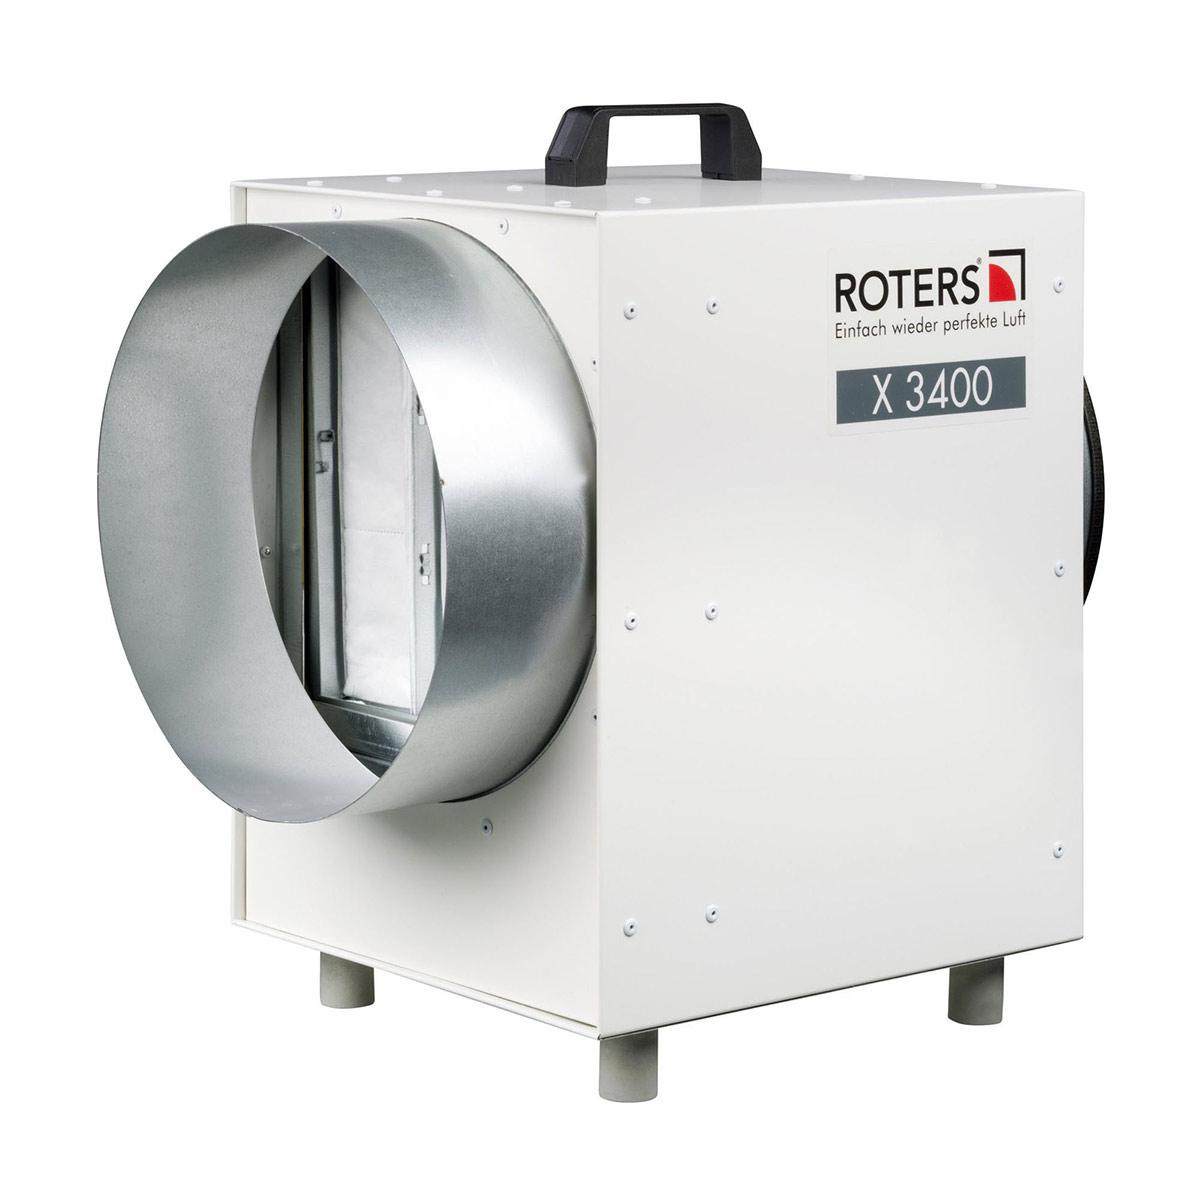 Staubfilterbox FT X3400, Stahl lackiert, grau, 1100 m3/h,490 x 320 x 490 mm, D: 300 mm